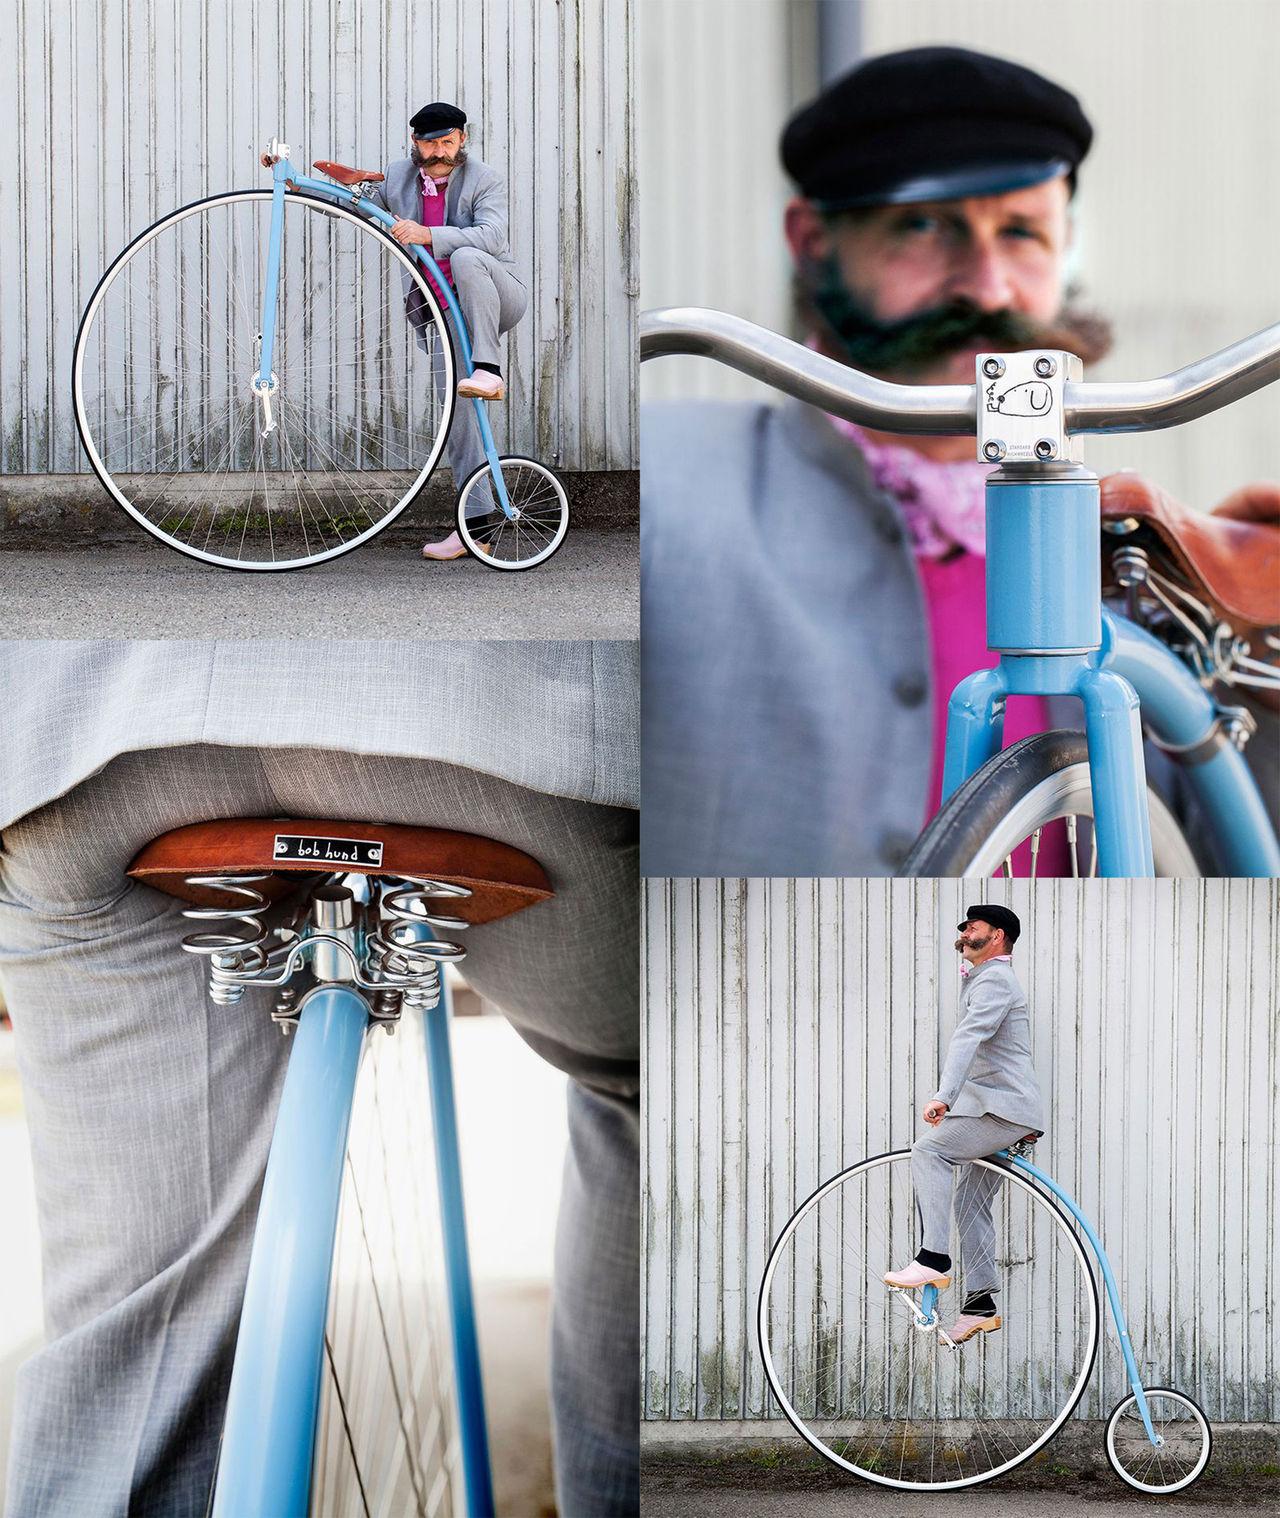 Köp dig en Bob Hund-cykel